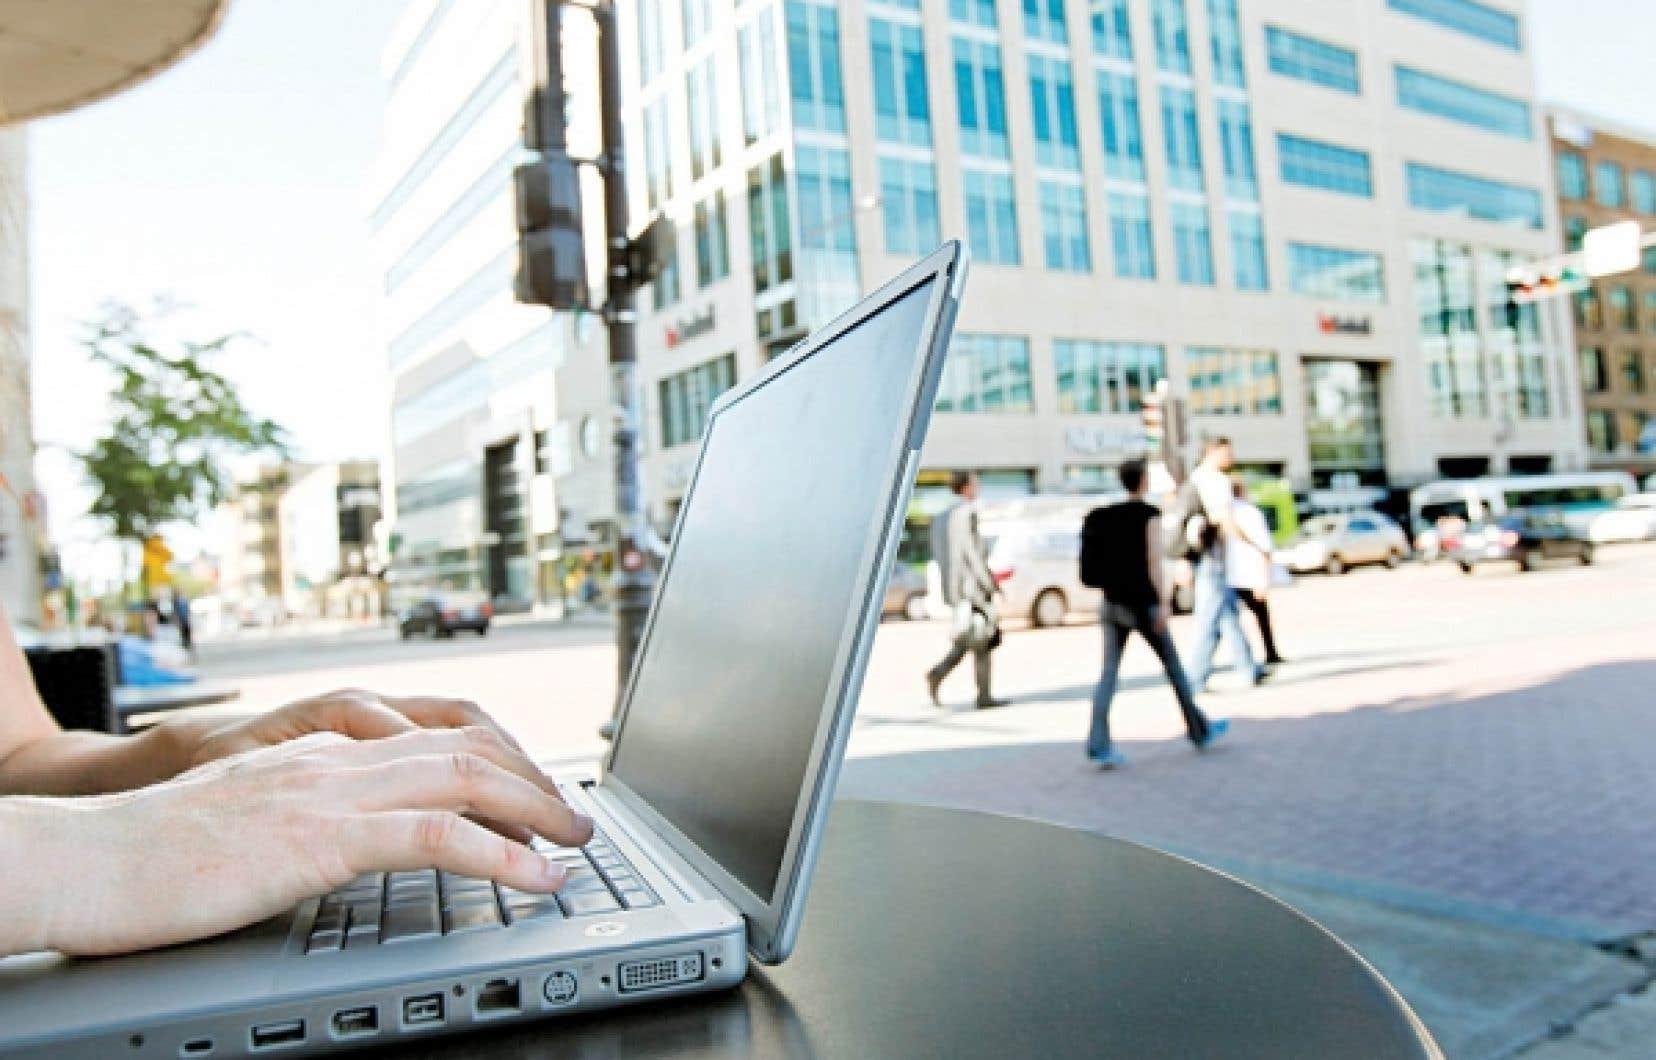 Selon un sondage national mené par le Commissariat à la protection de la vie privée du Canada, les deux tiers des répondants croient que dans le nouvel environnement numérique, les détails de leur vie privée seraient moins bien protégés en 2011 qu'il y a 10 ans.<br />